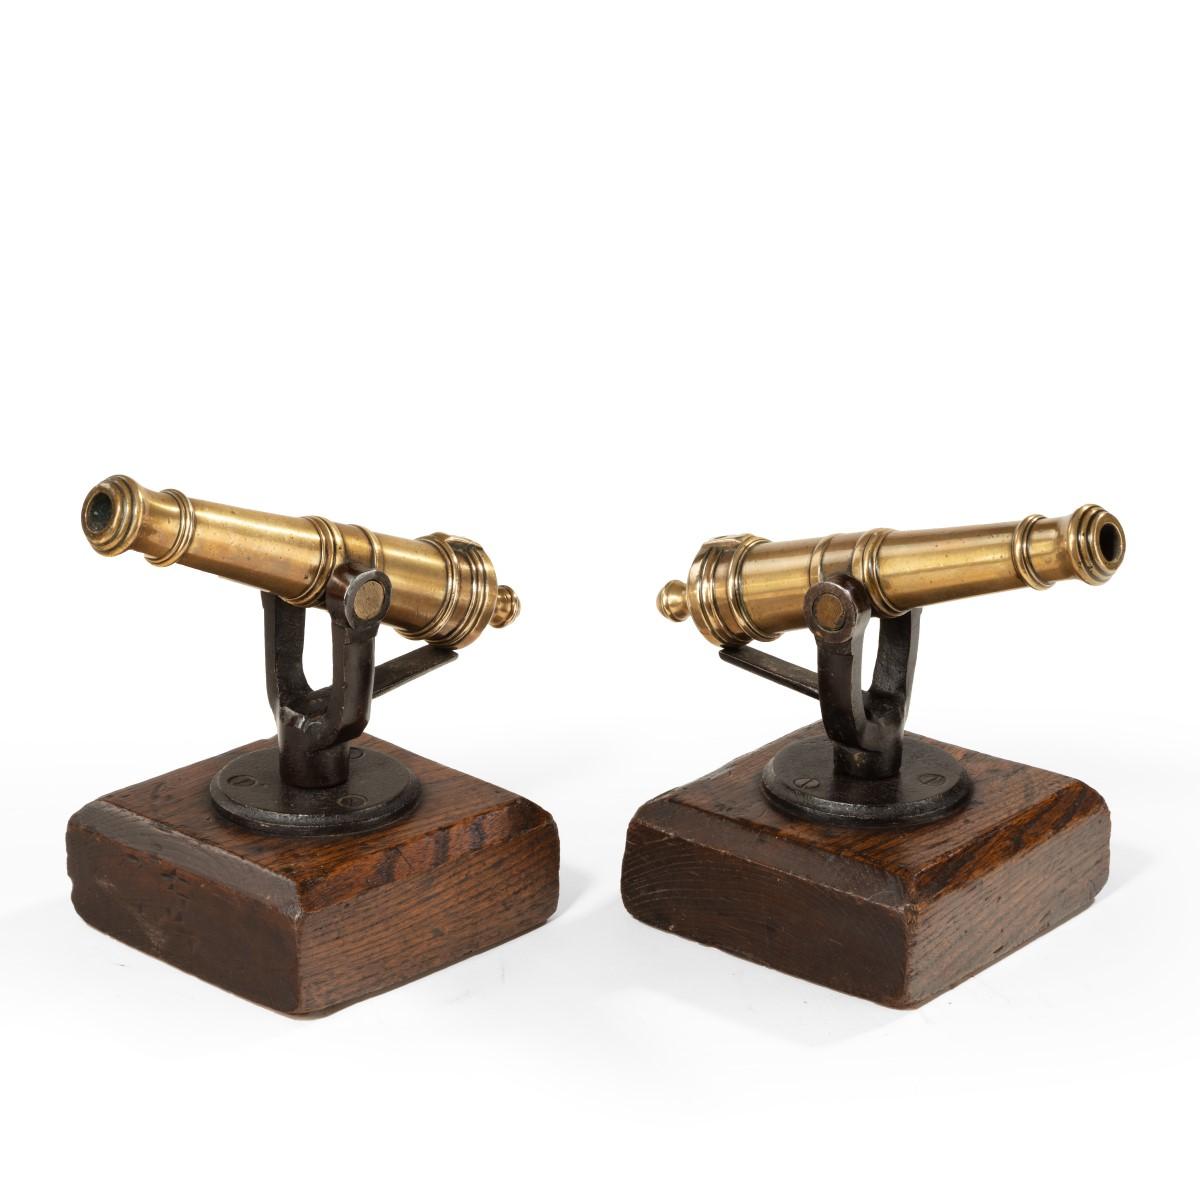 A pair of 19th century ½in. bore signal guns main